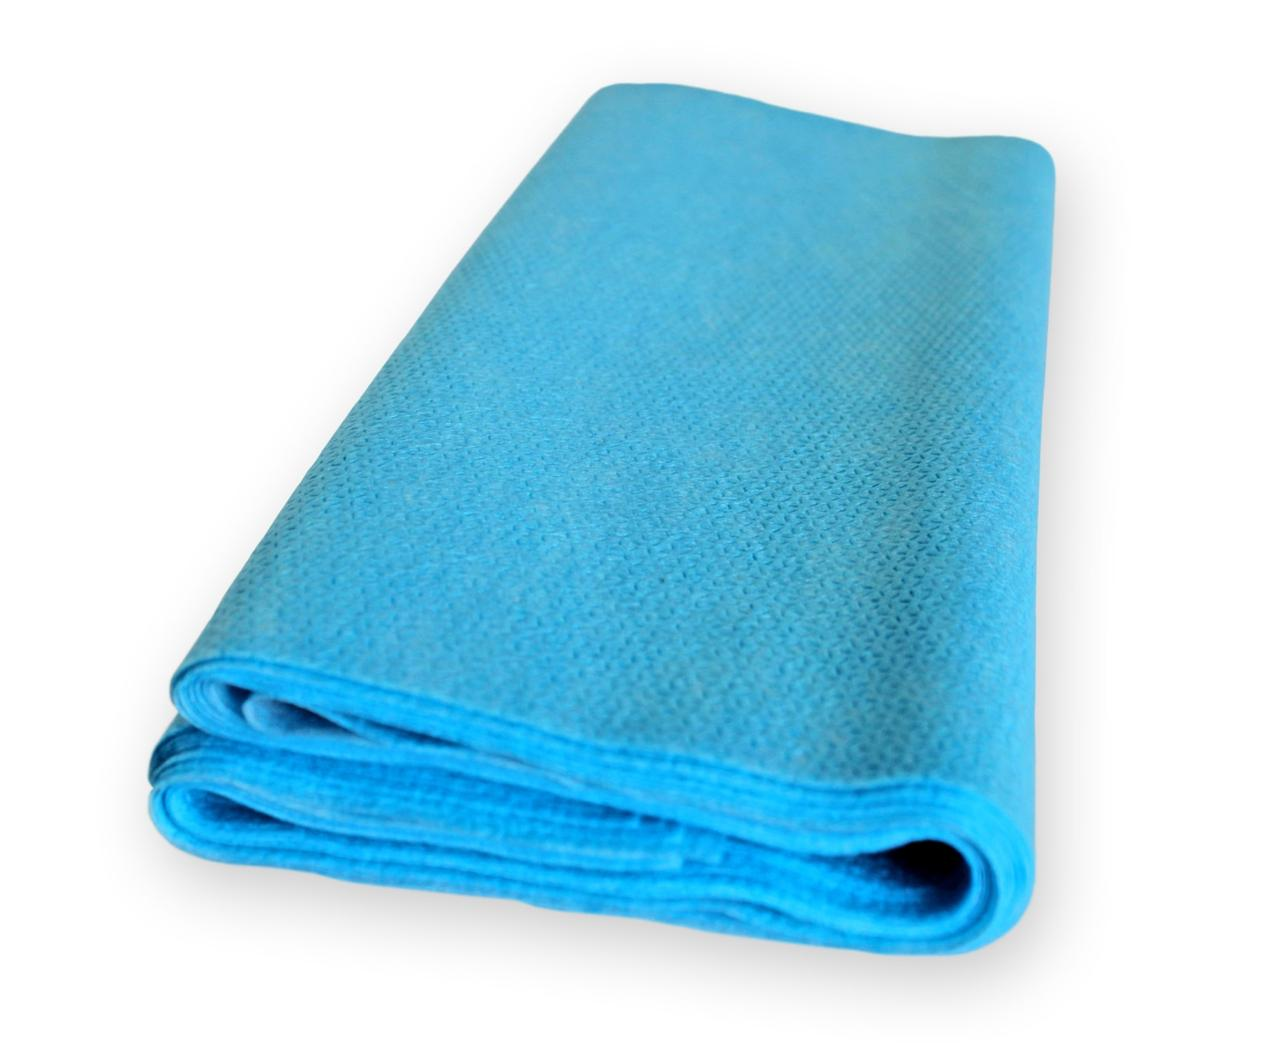 Пеленка (салфетка) QSLEEP влагостойкая 60х120см бело-голубая (021)